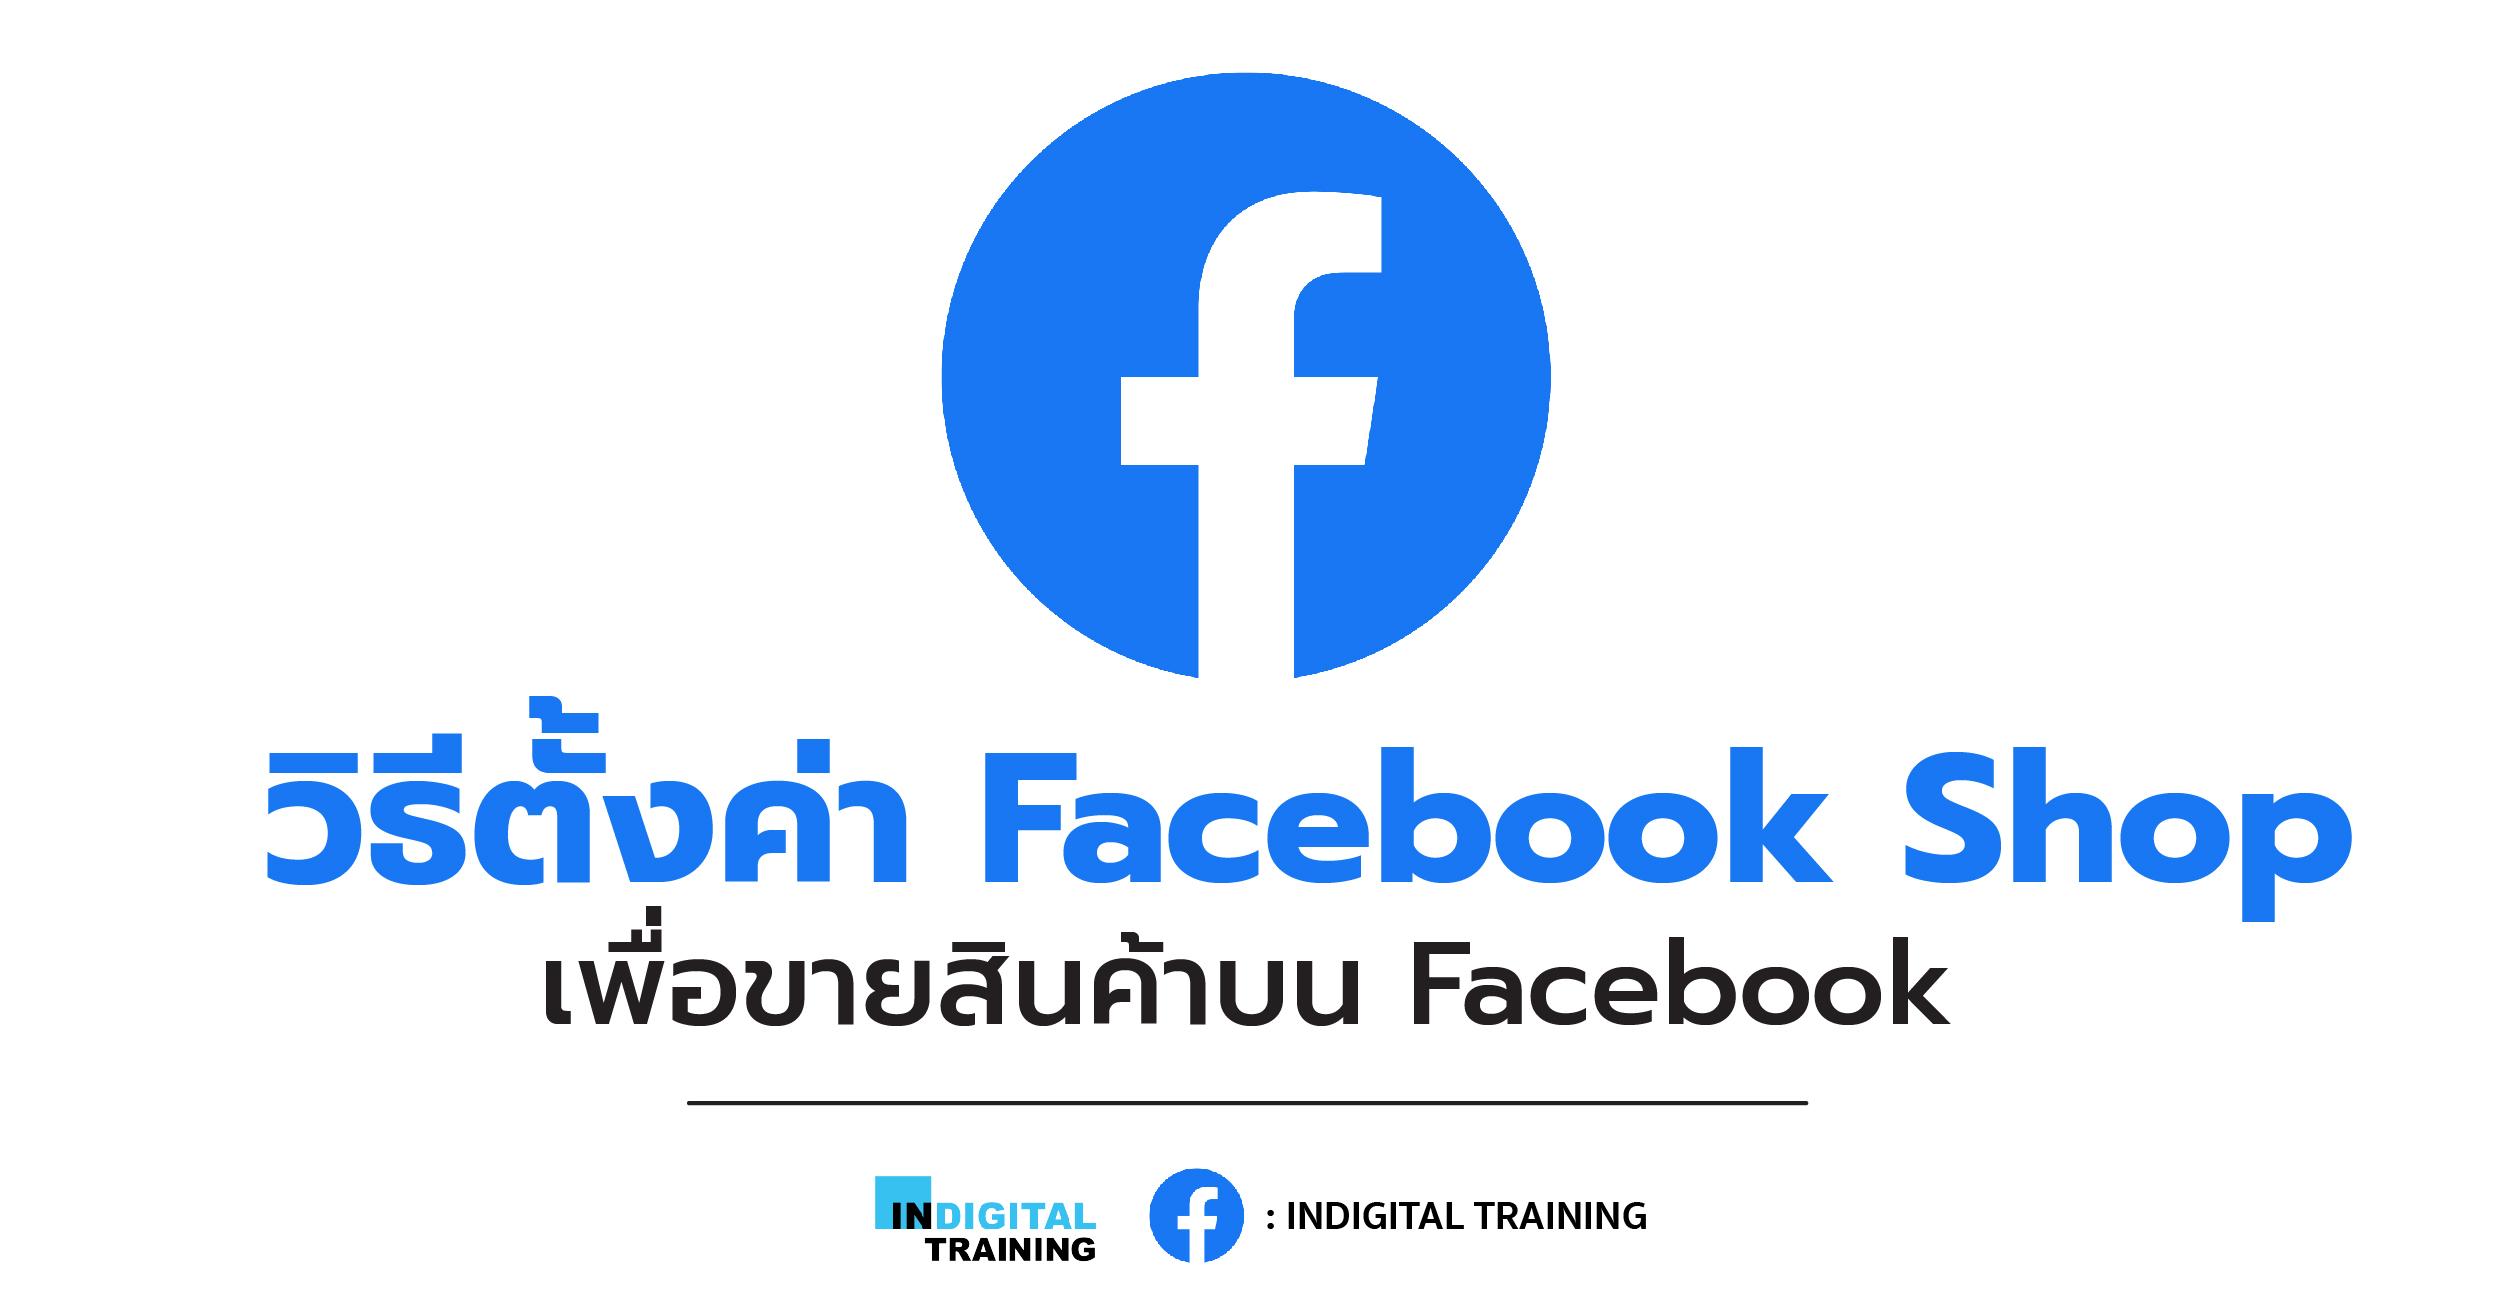 วิธีตั้งค่า Facebook Shop เพื่อขายสินค้าบน Facebook